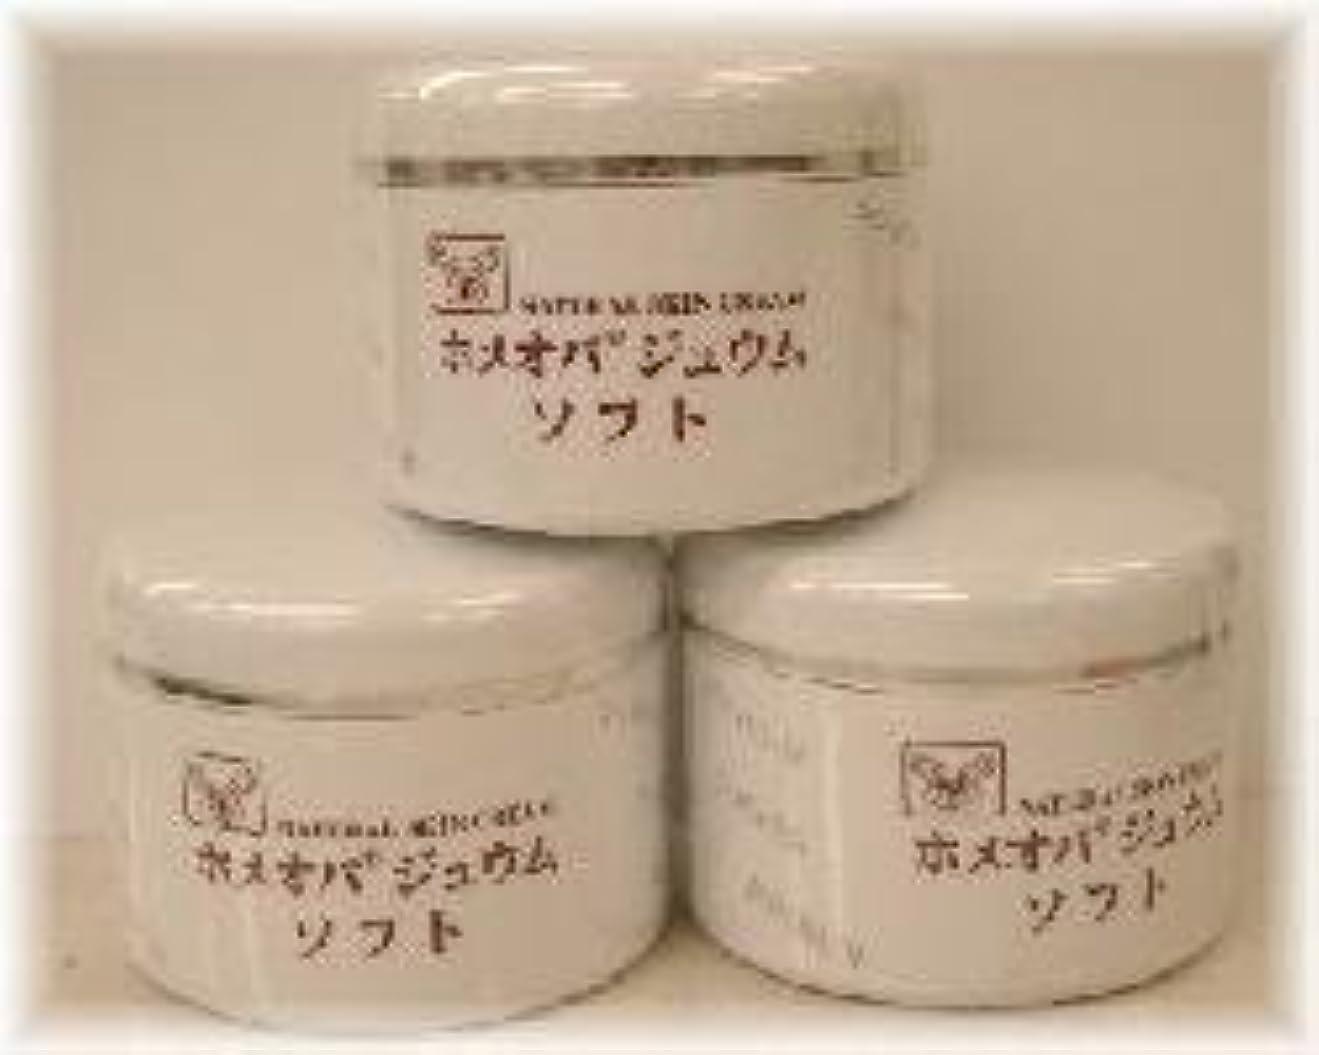 シルエットフリンジ誤解させるホメオパジュウム スキンケア商品3点¥10500クリームソフトx3個